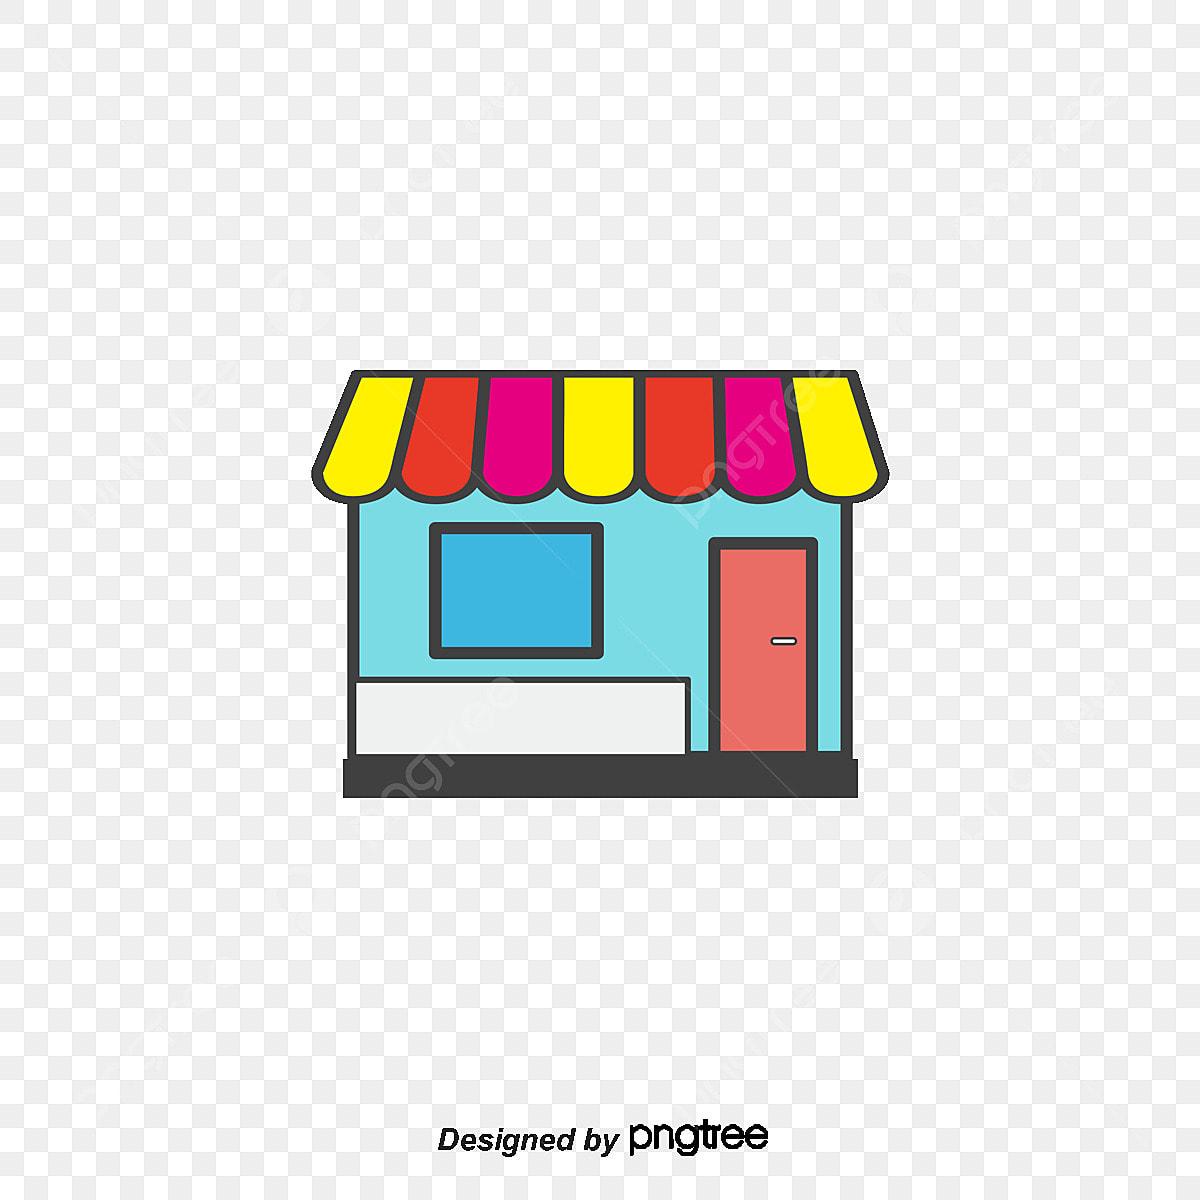 le magasin le magasin de dessin vectoriel vecteur dessin